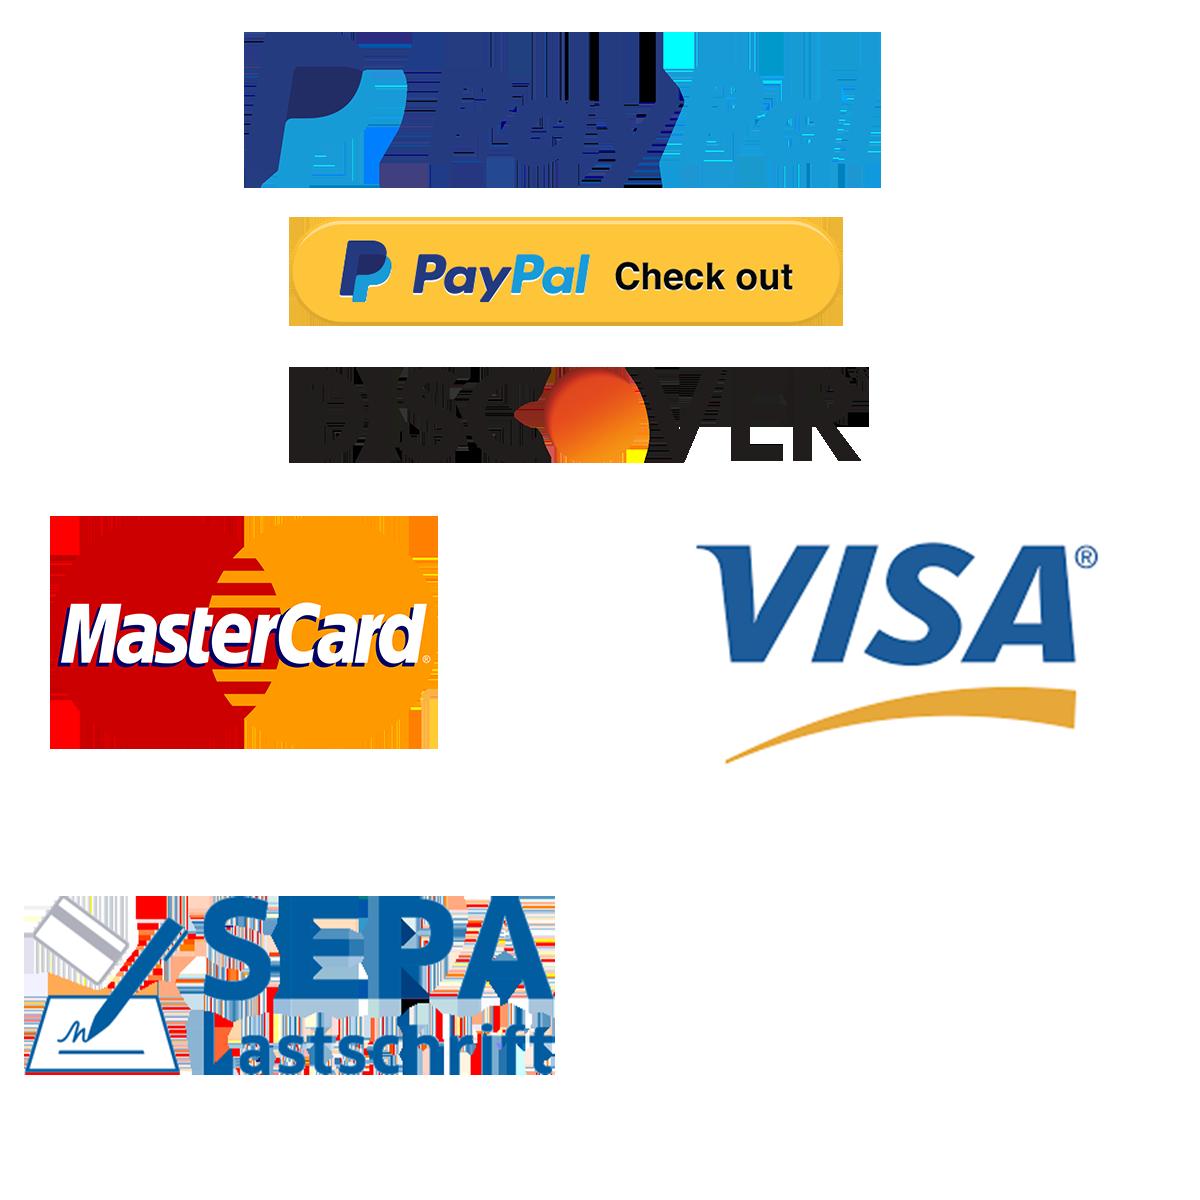 Zahlungsarten bei Geratech Landmaschinen, Bezahlung via PayPal, Checkout via Paypal, Mastercard, Visa, Discover, Sepa Lastschriftmandat oder Kauf auf Rechnung, alles möglich